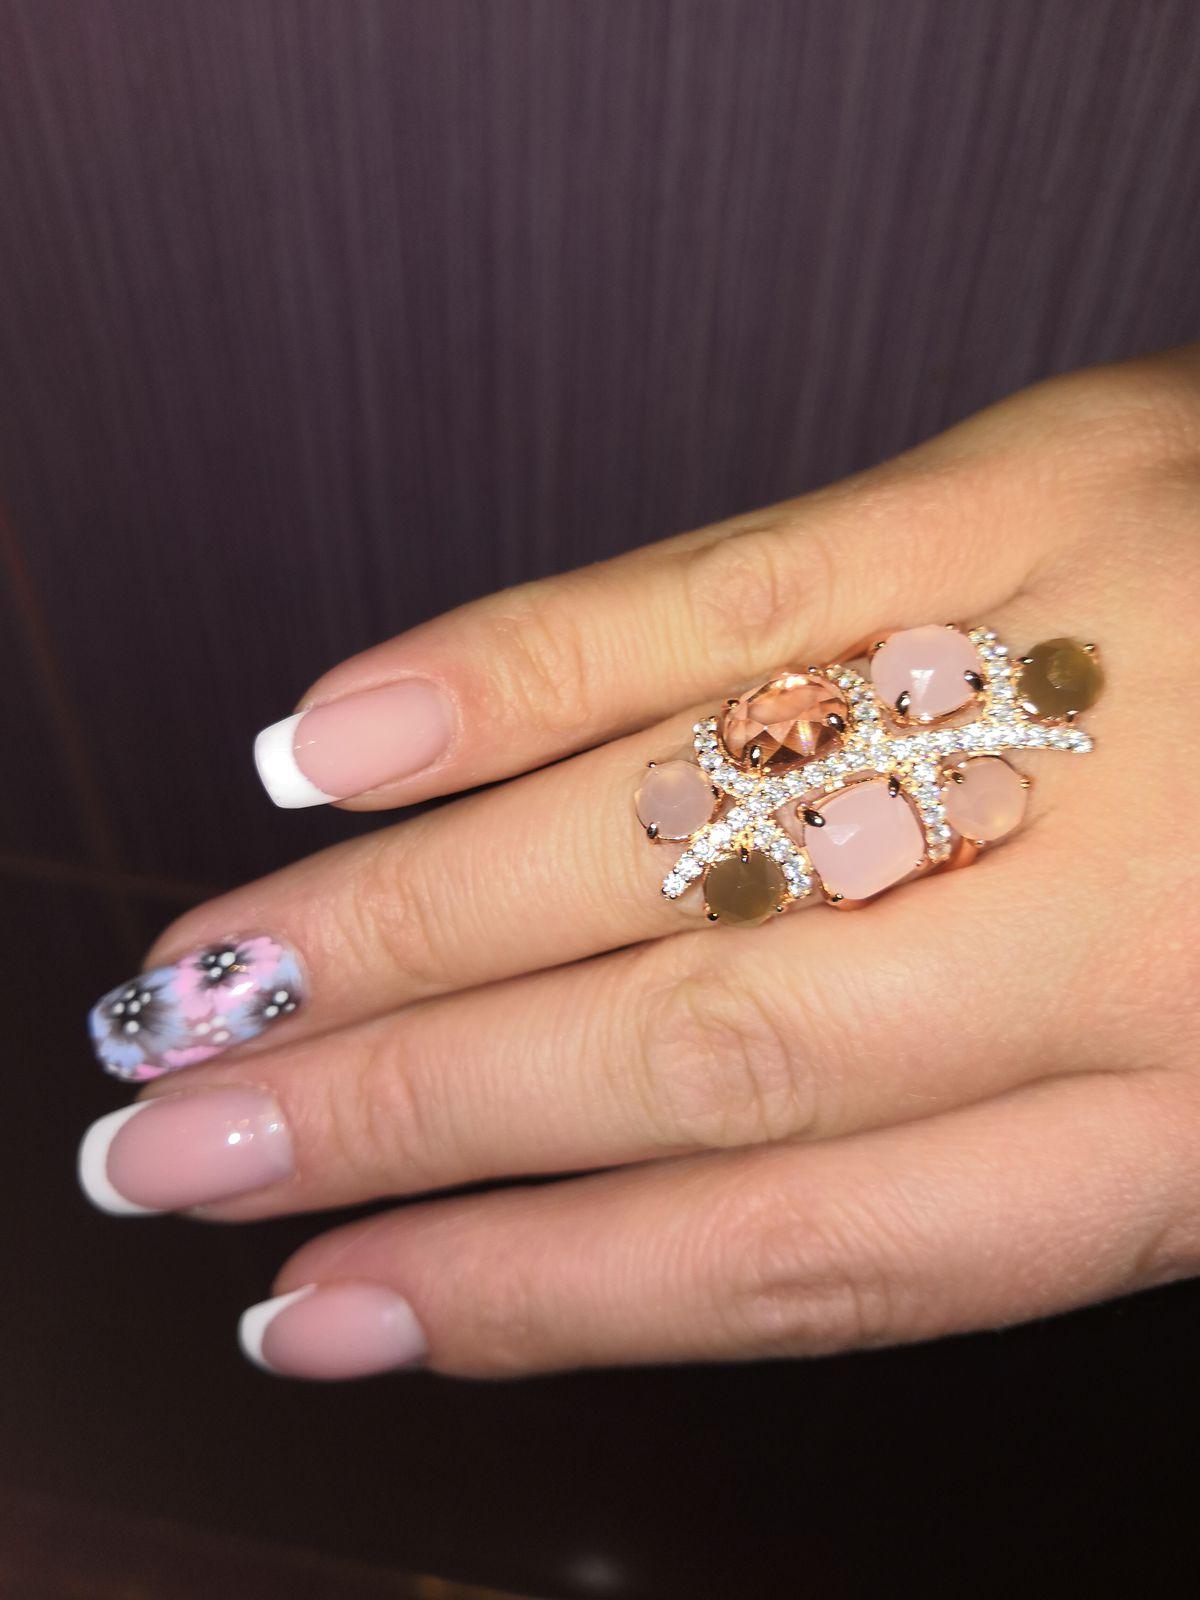 Очень красивое кольцо 💍 🥰